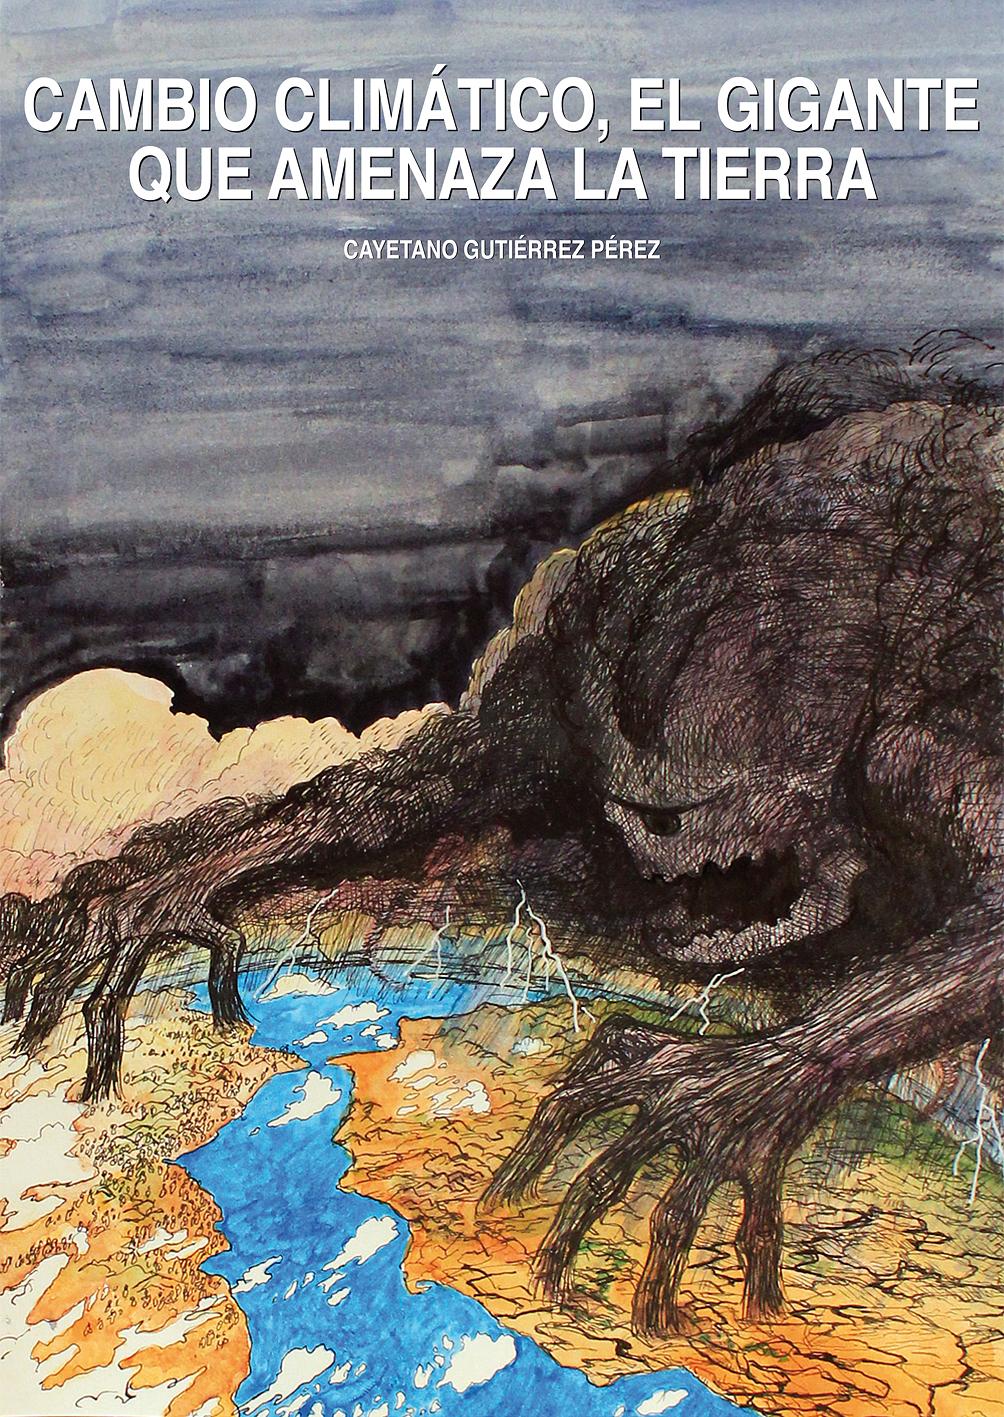 """""""Cambio climático, el gigante que amenaza la Tierra"""" (Cayetano Gutiérrez Pérez, Divulgador científico) @ Museo de la Ciencia y el Agua"""